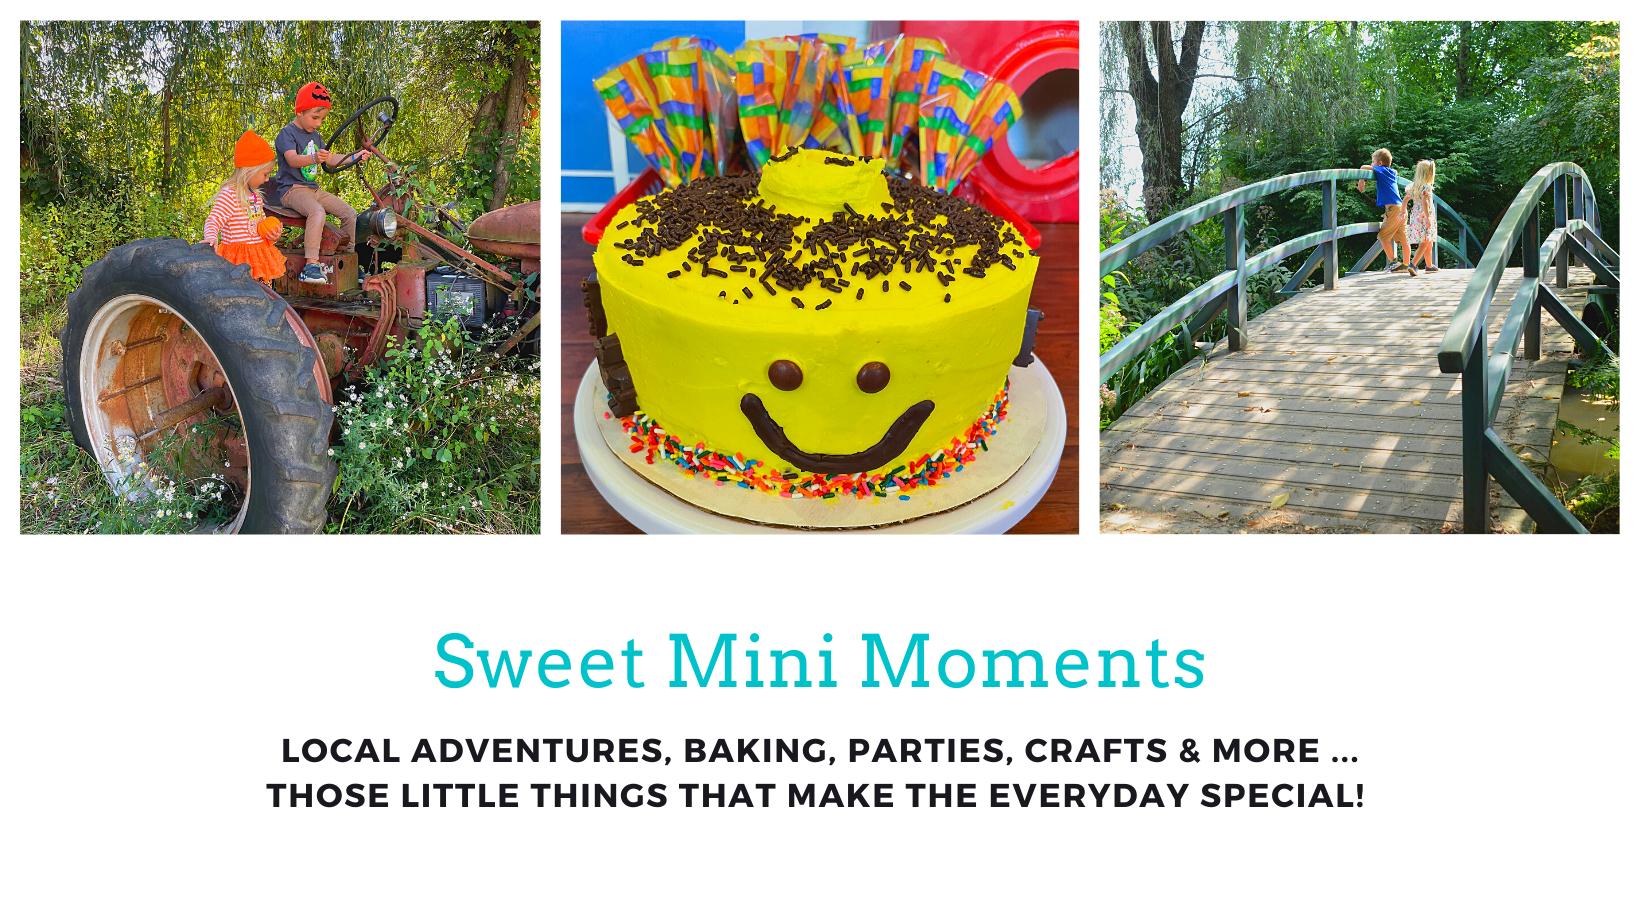 Sweet Mini Moments